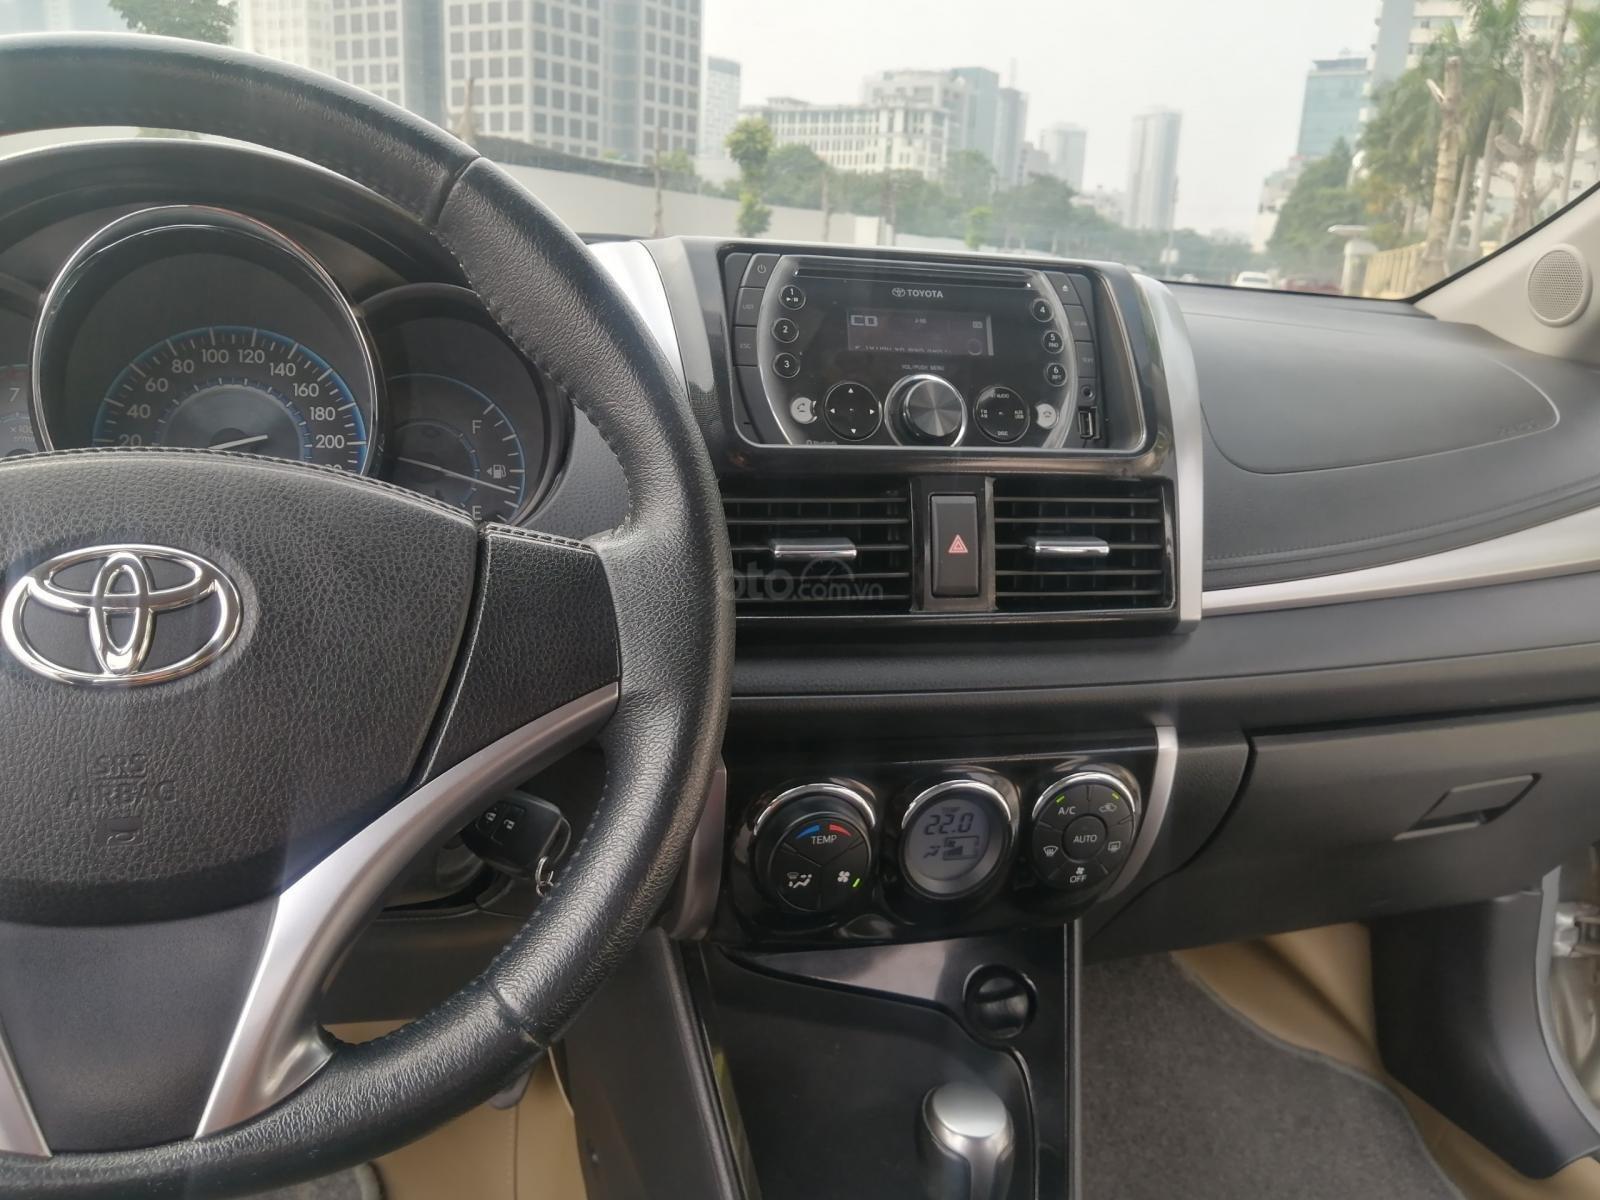 Toyota Mỹ Đình - trung tâm xe đã qua sử dụng - cần bán Toyota Vios đời 2014, 419tr (7)